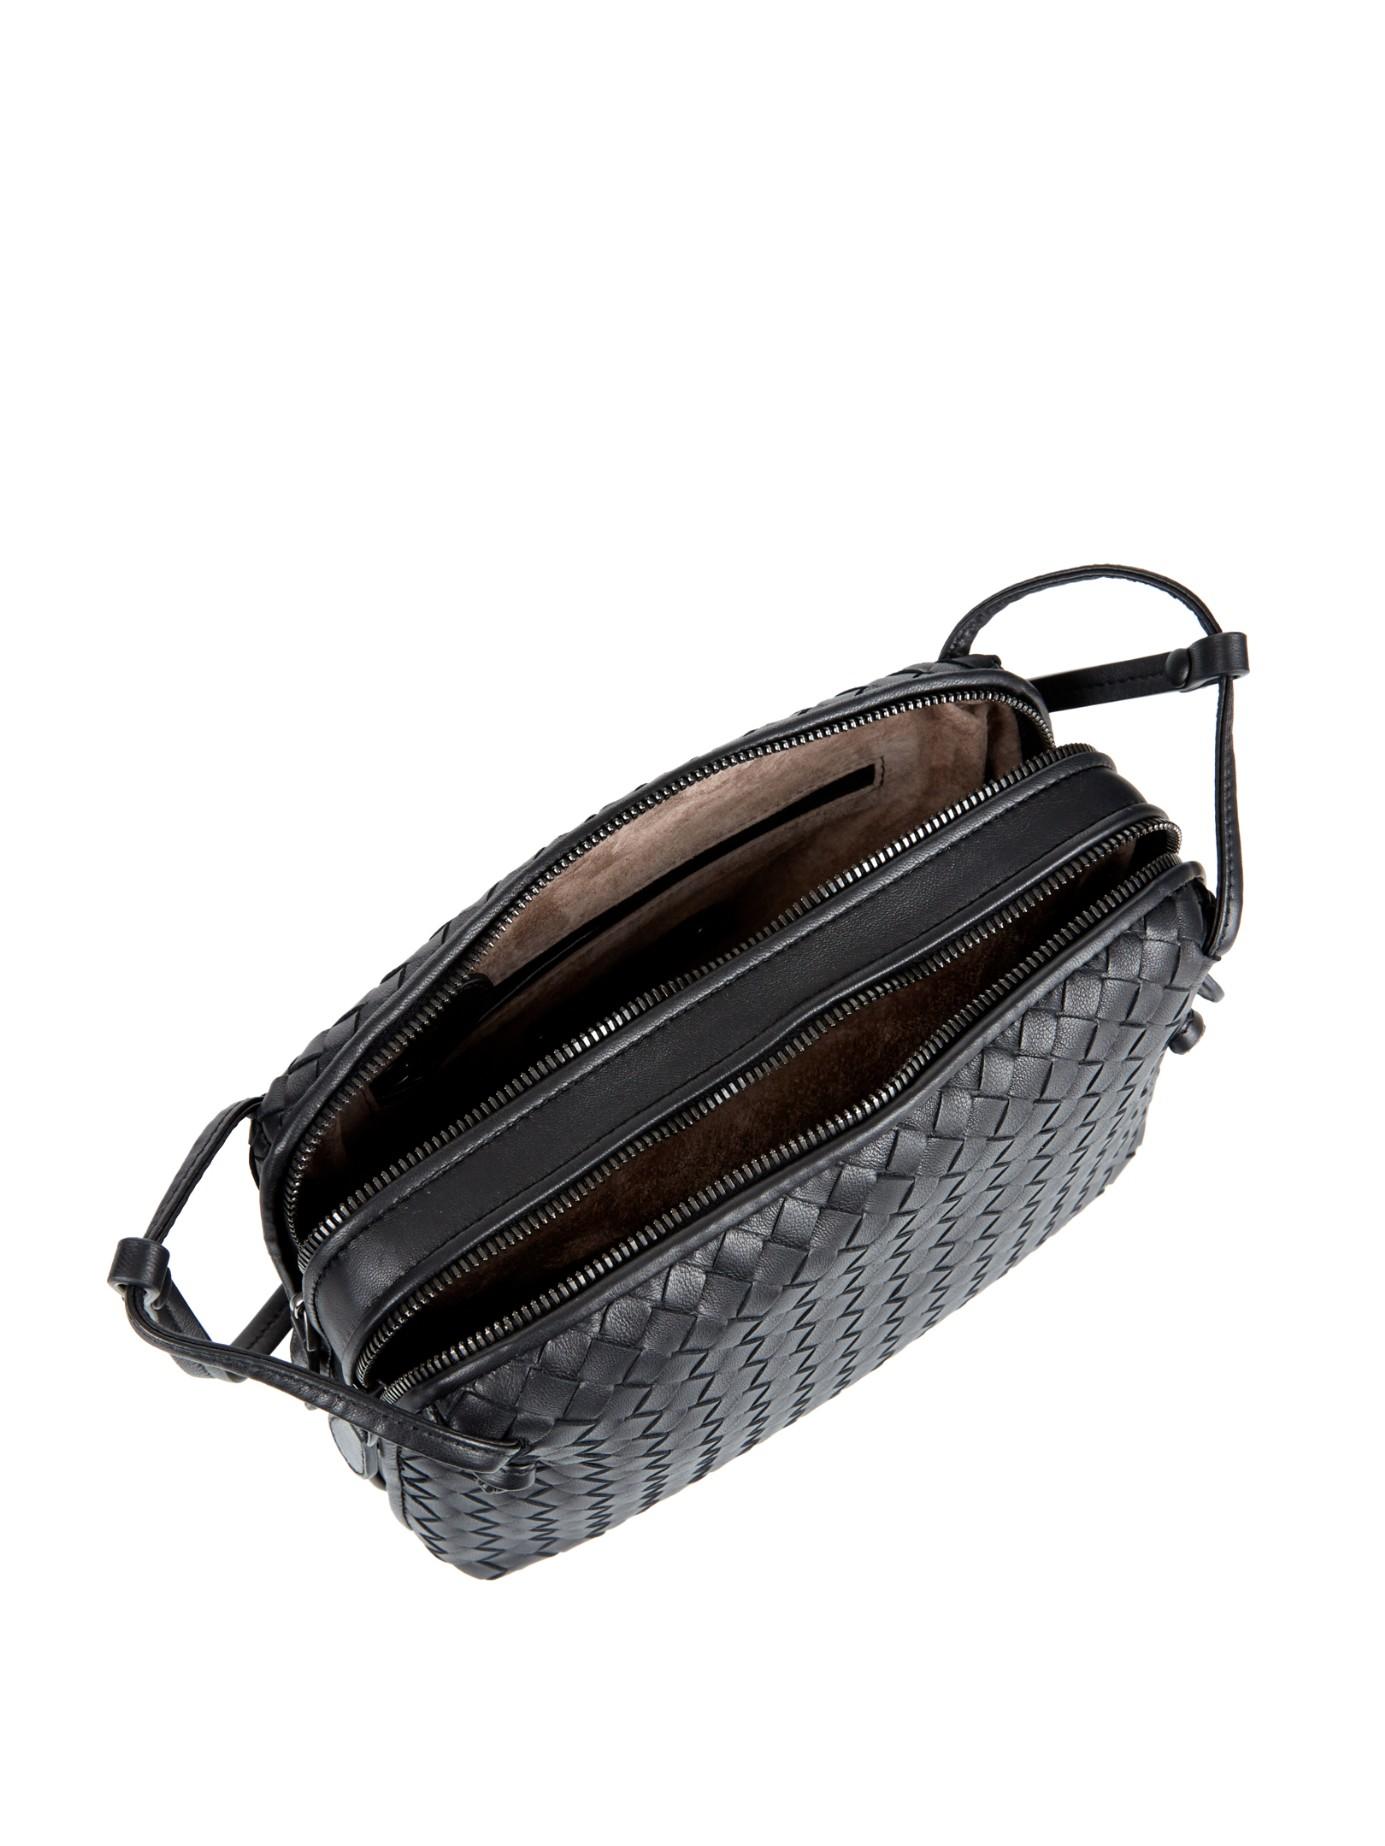 f36dbff6fa Lyst - Bottega Veneta Intrecciato Leather Two-compartment Cross-body Bag in  Black